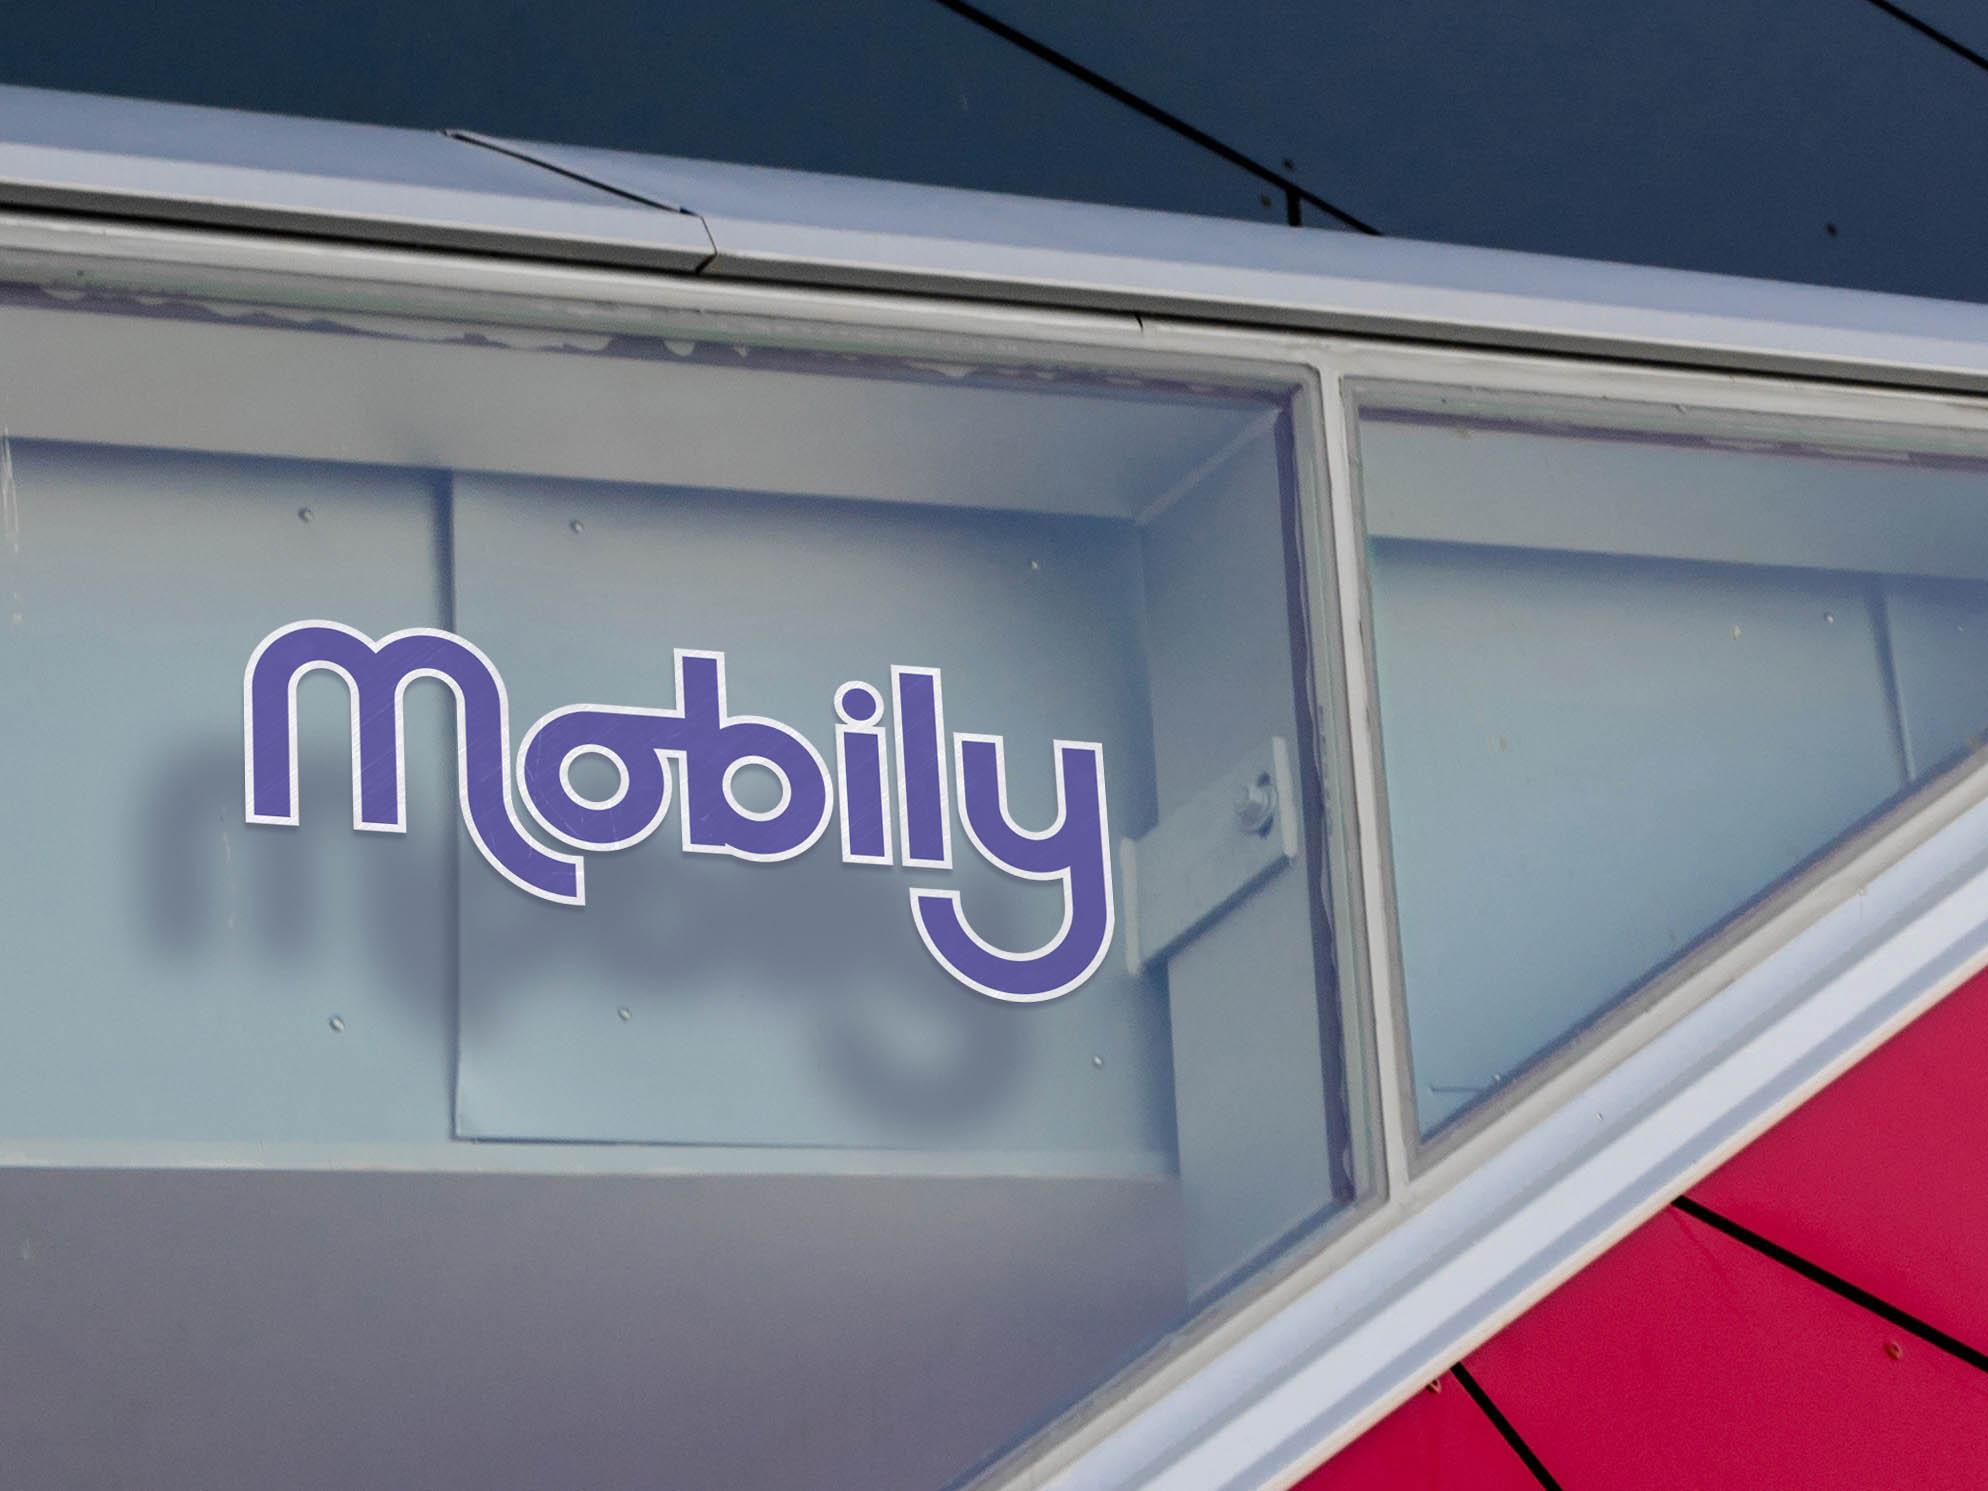 Mobily.jpg